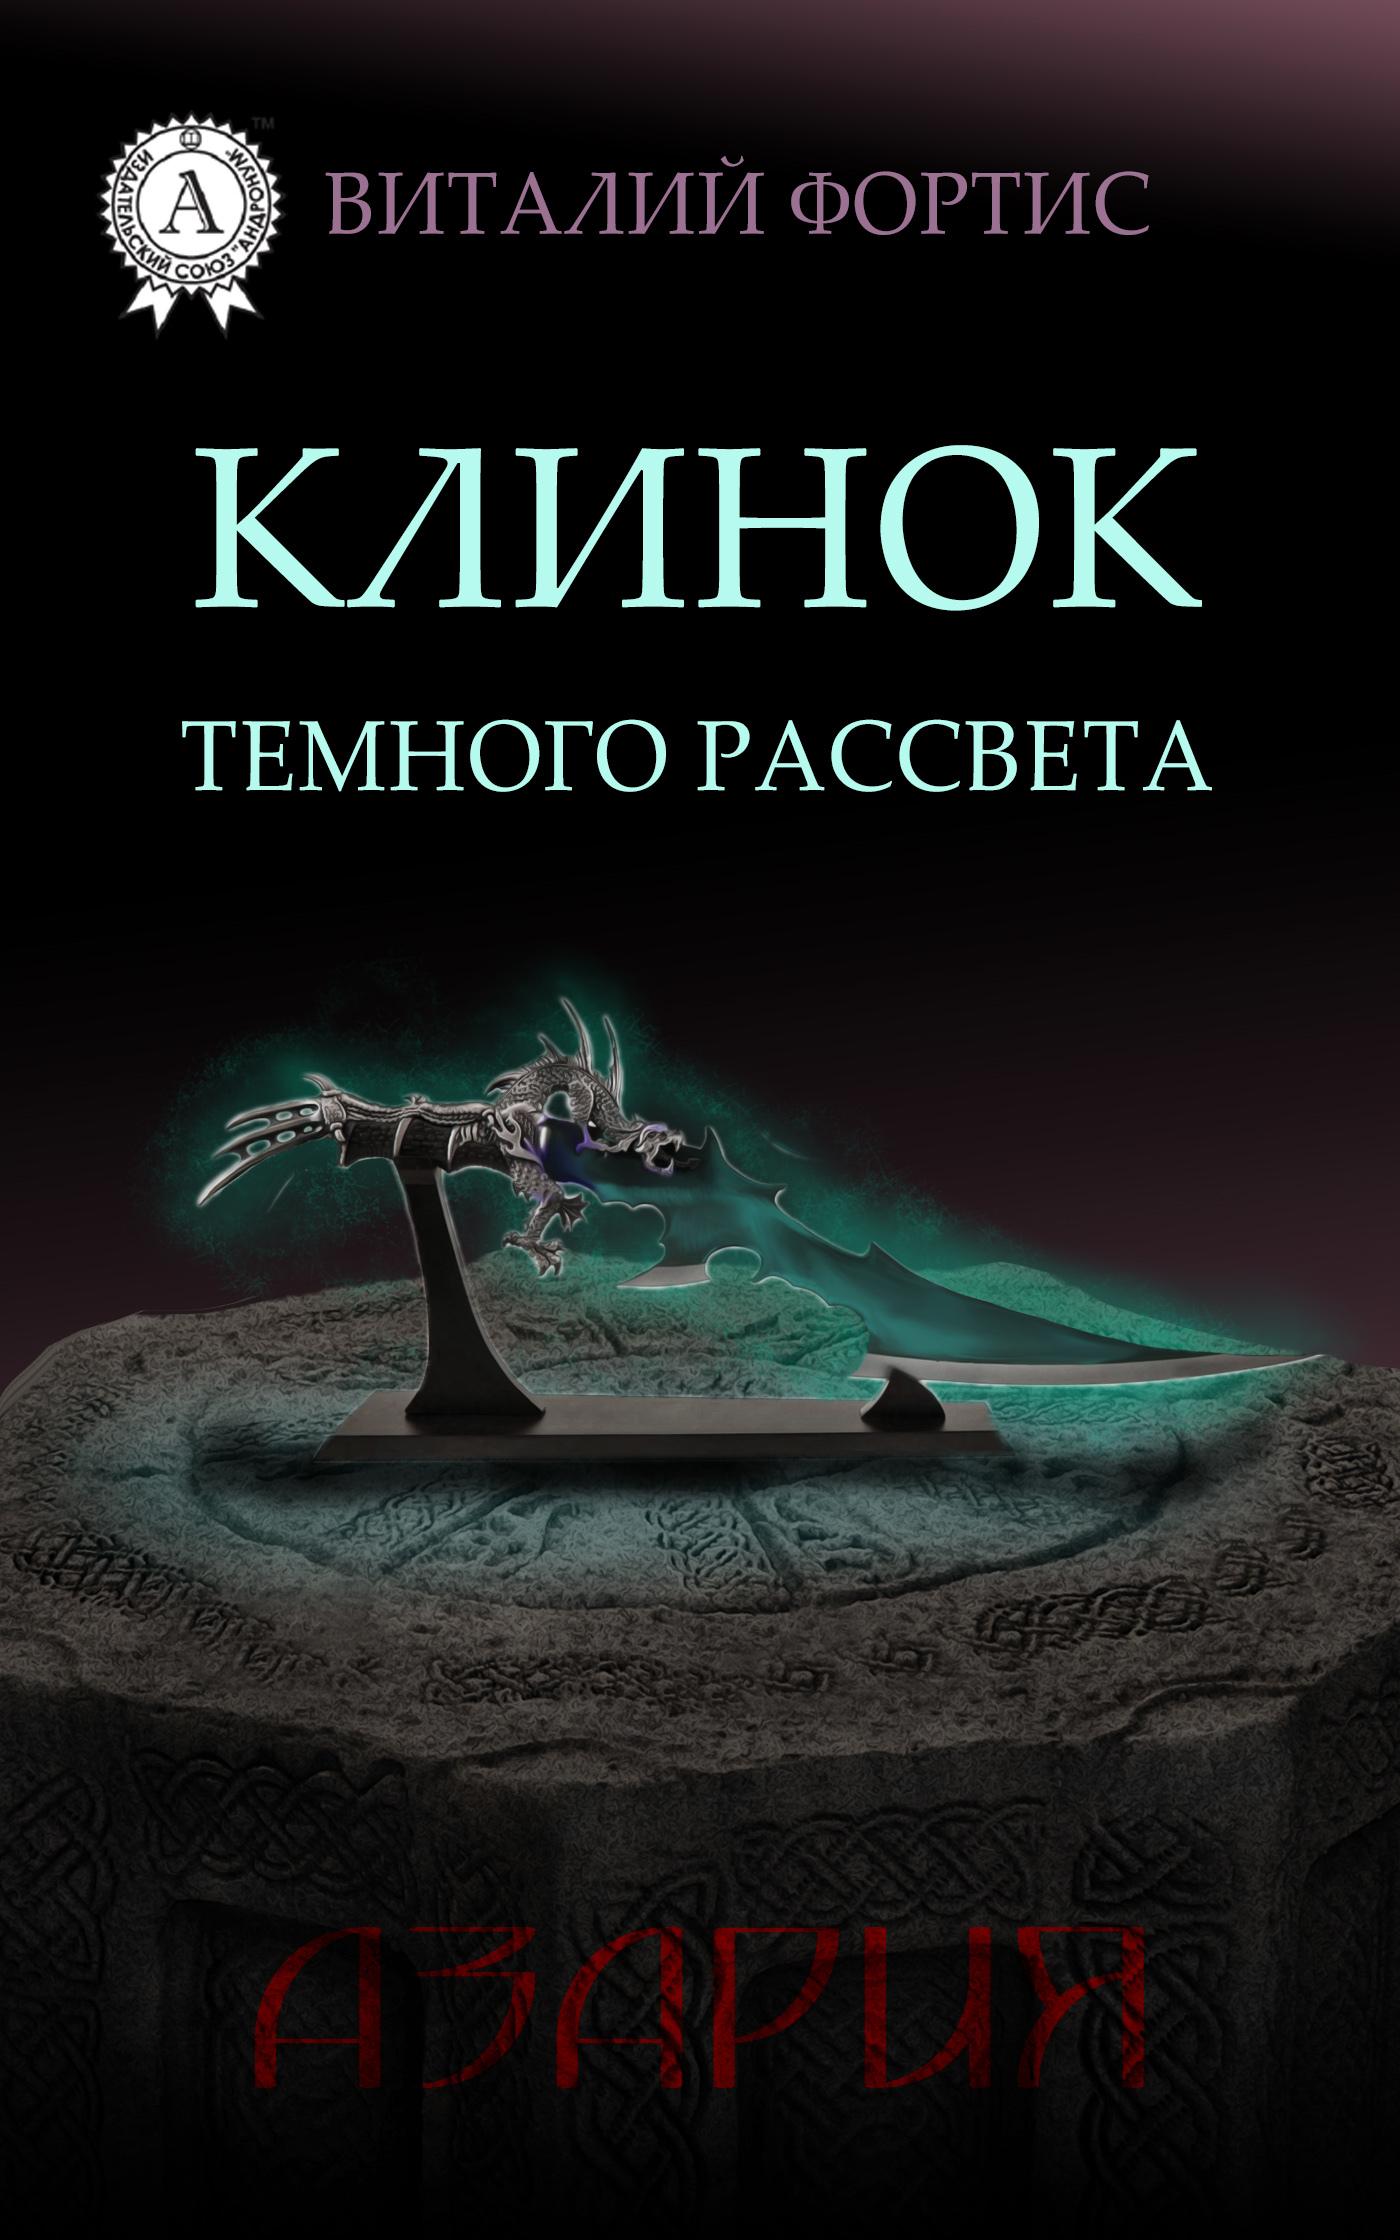 Виталий Фортис / Клинок темного рассвета